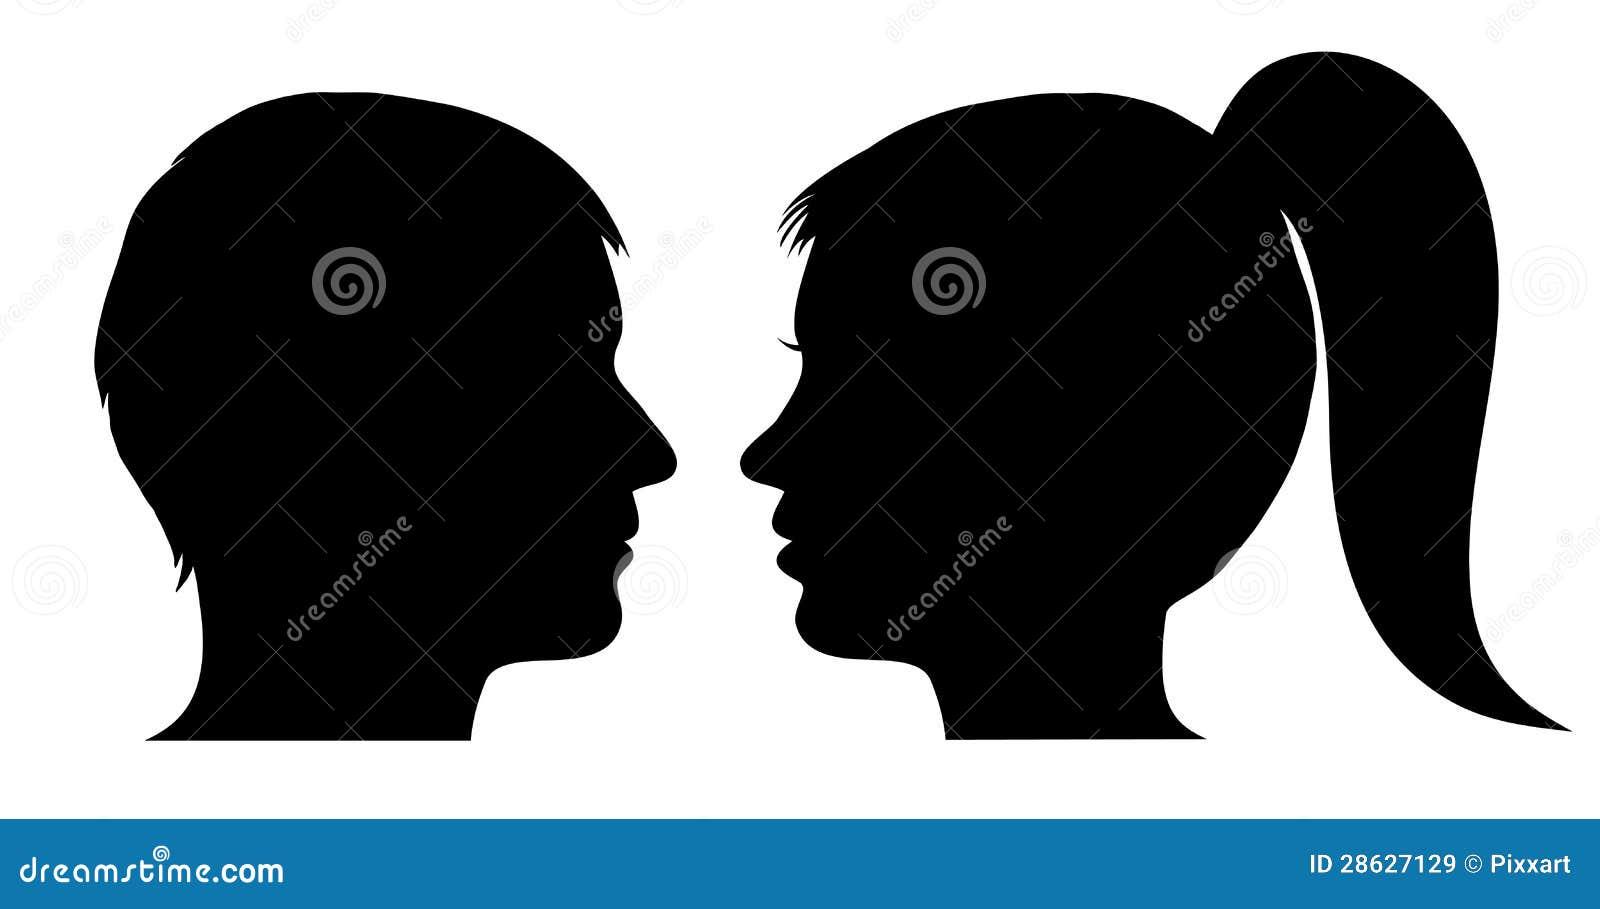 Rencontrer des hommes et femmes triche